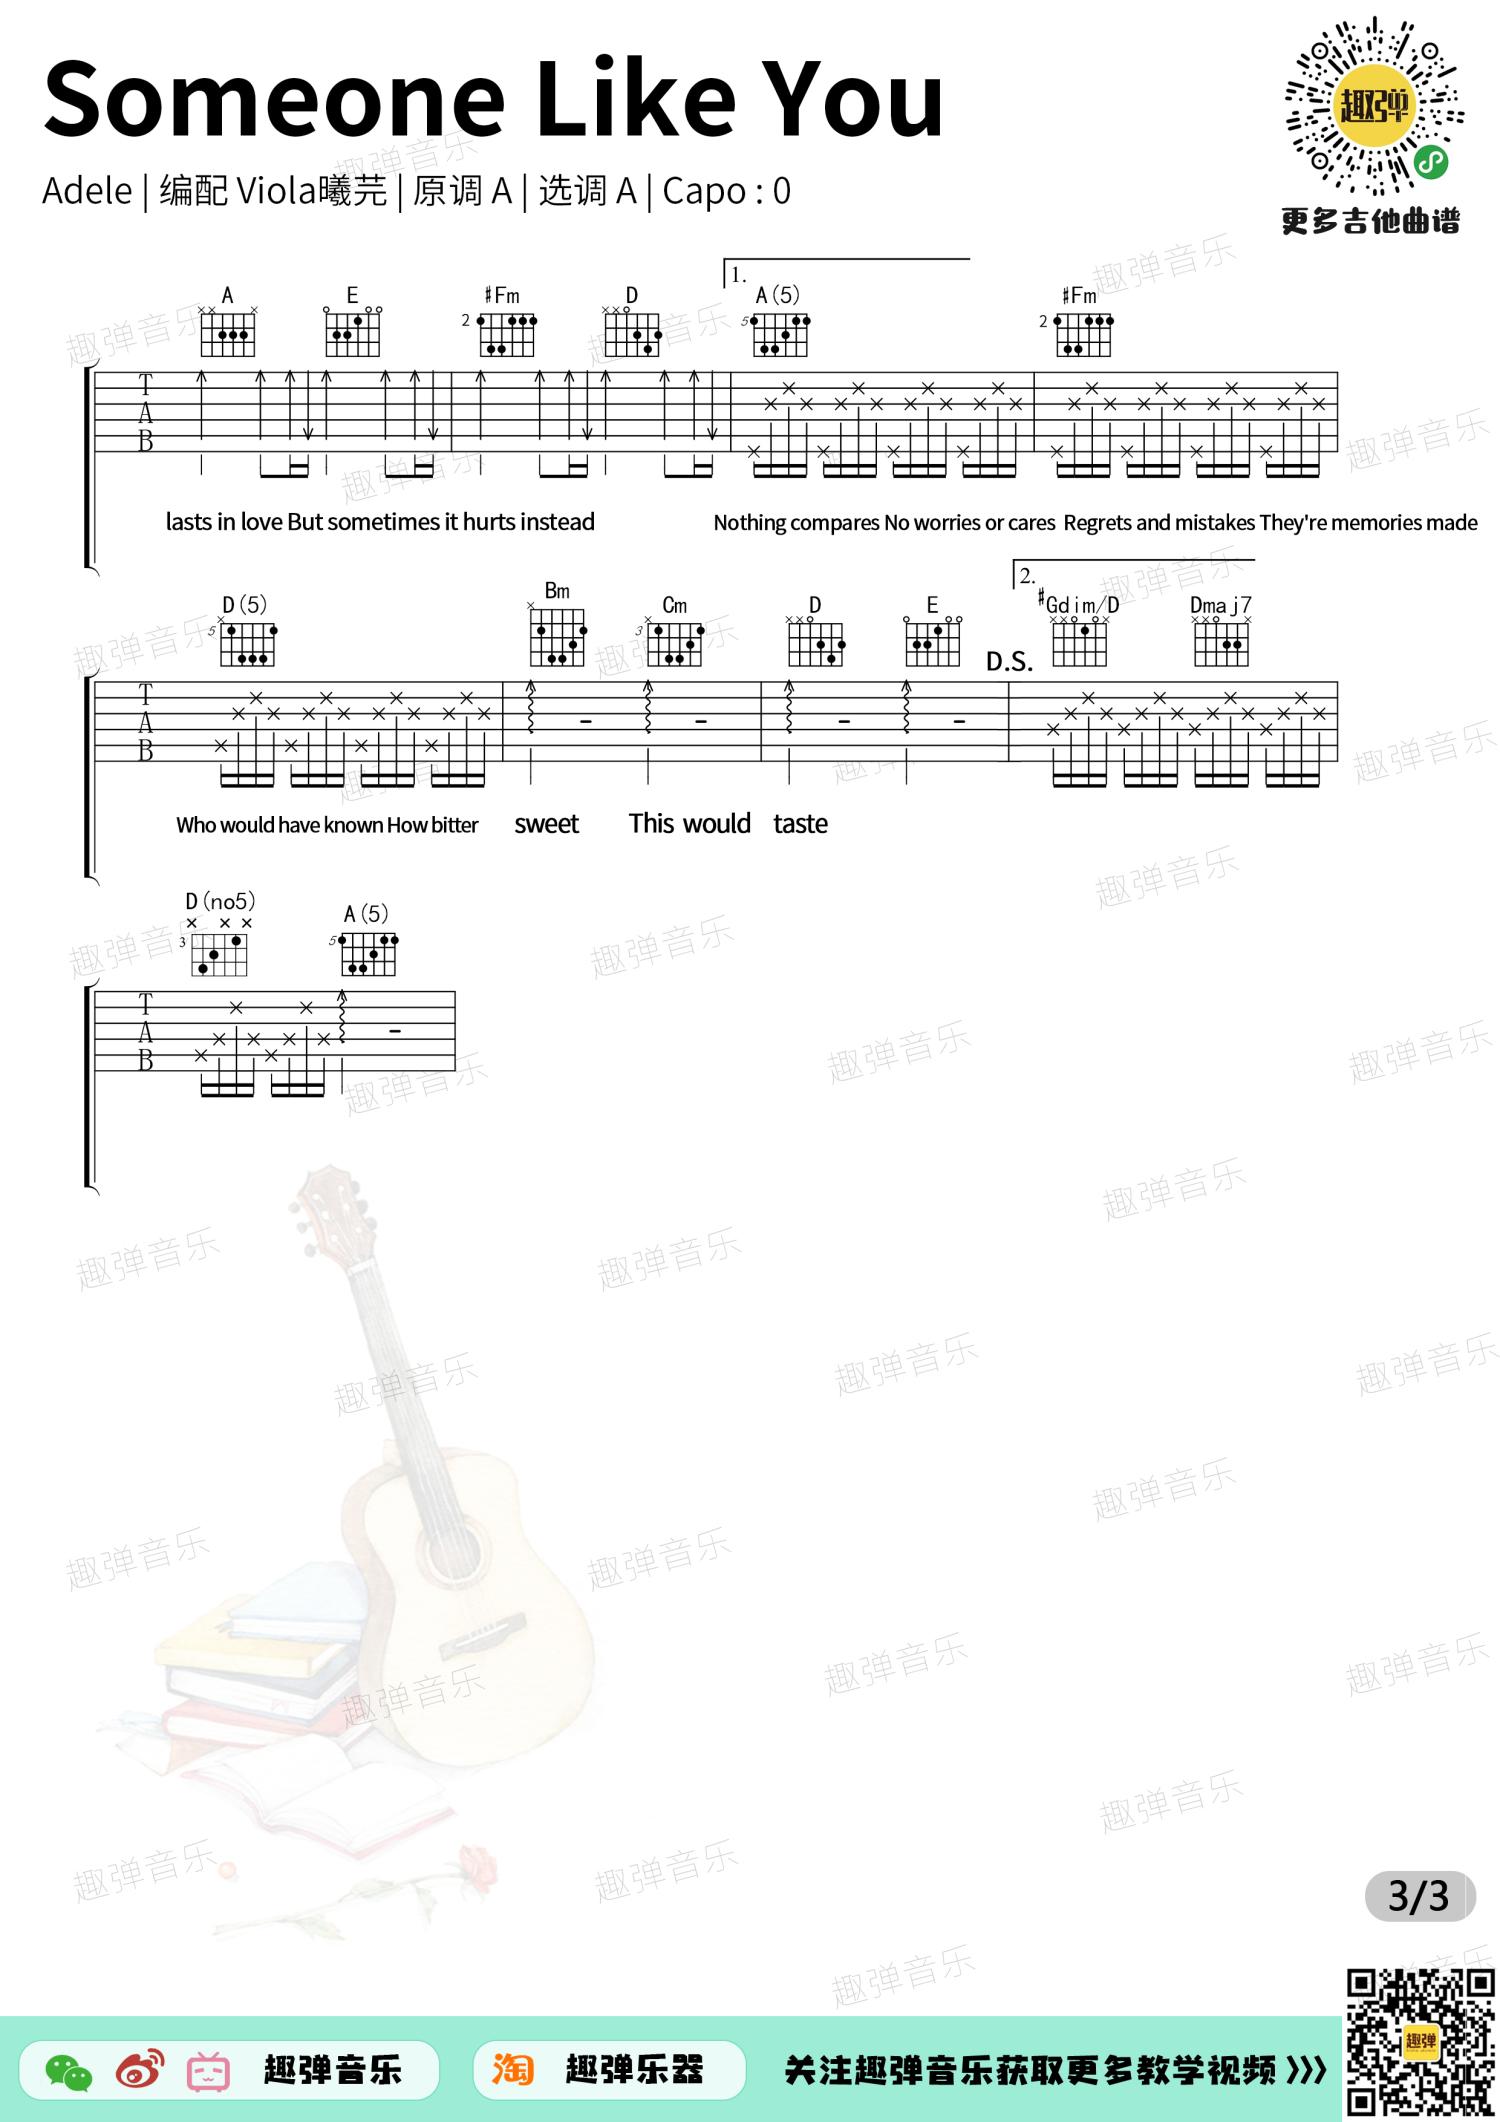 吉他派《Someone Like you》吉他谱-3